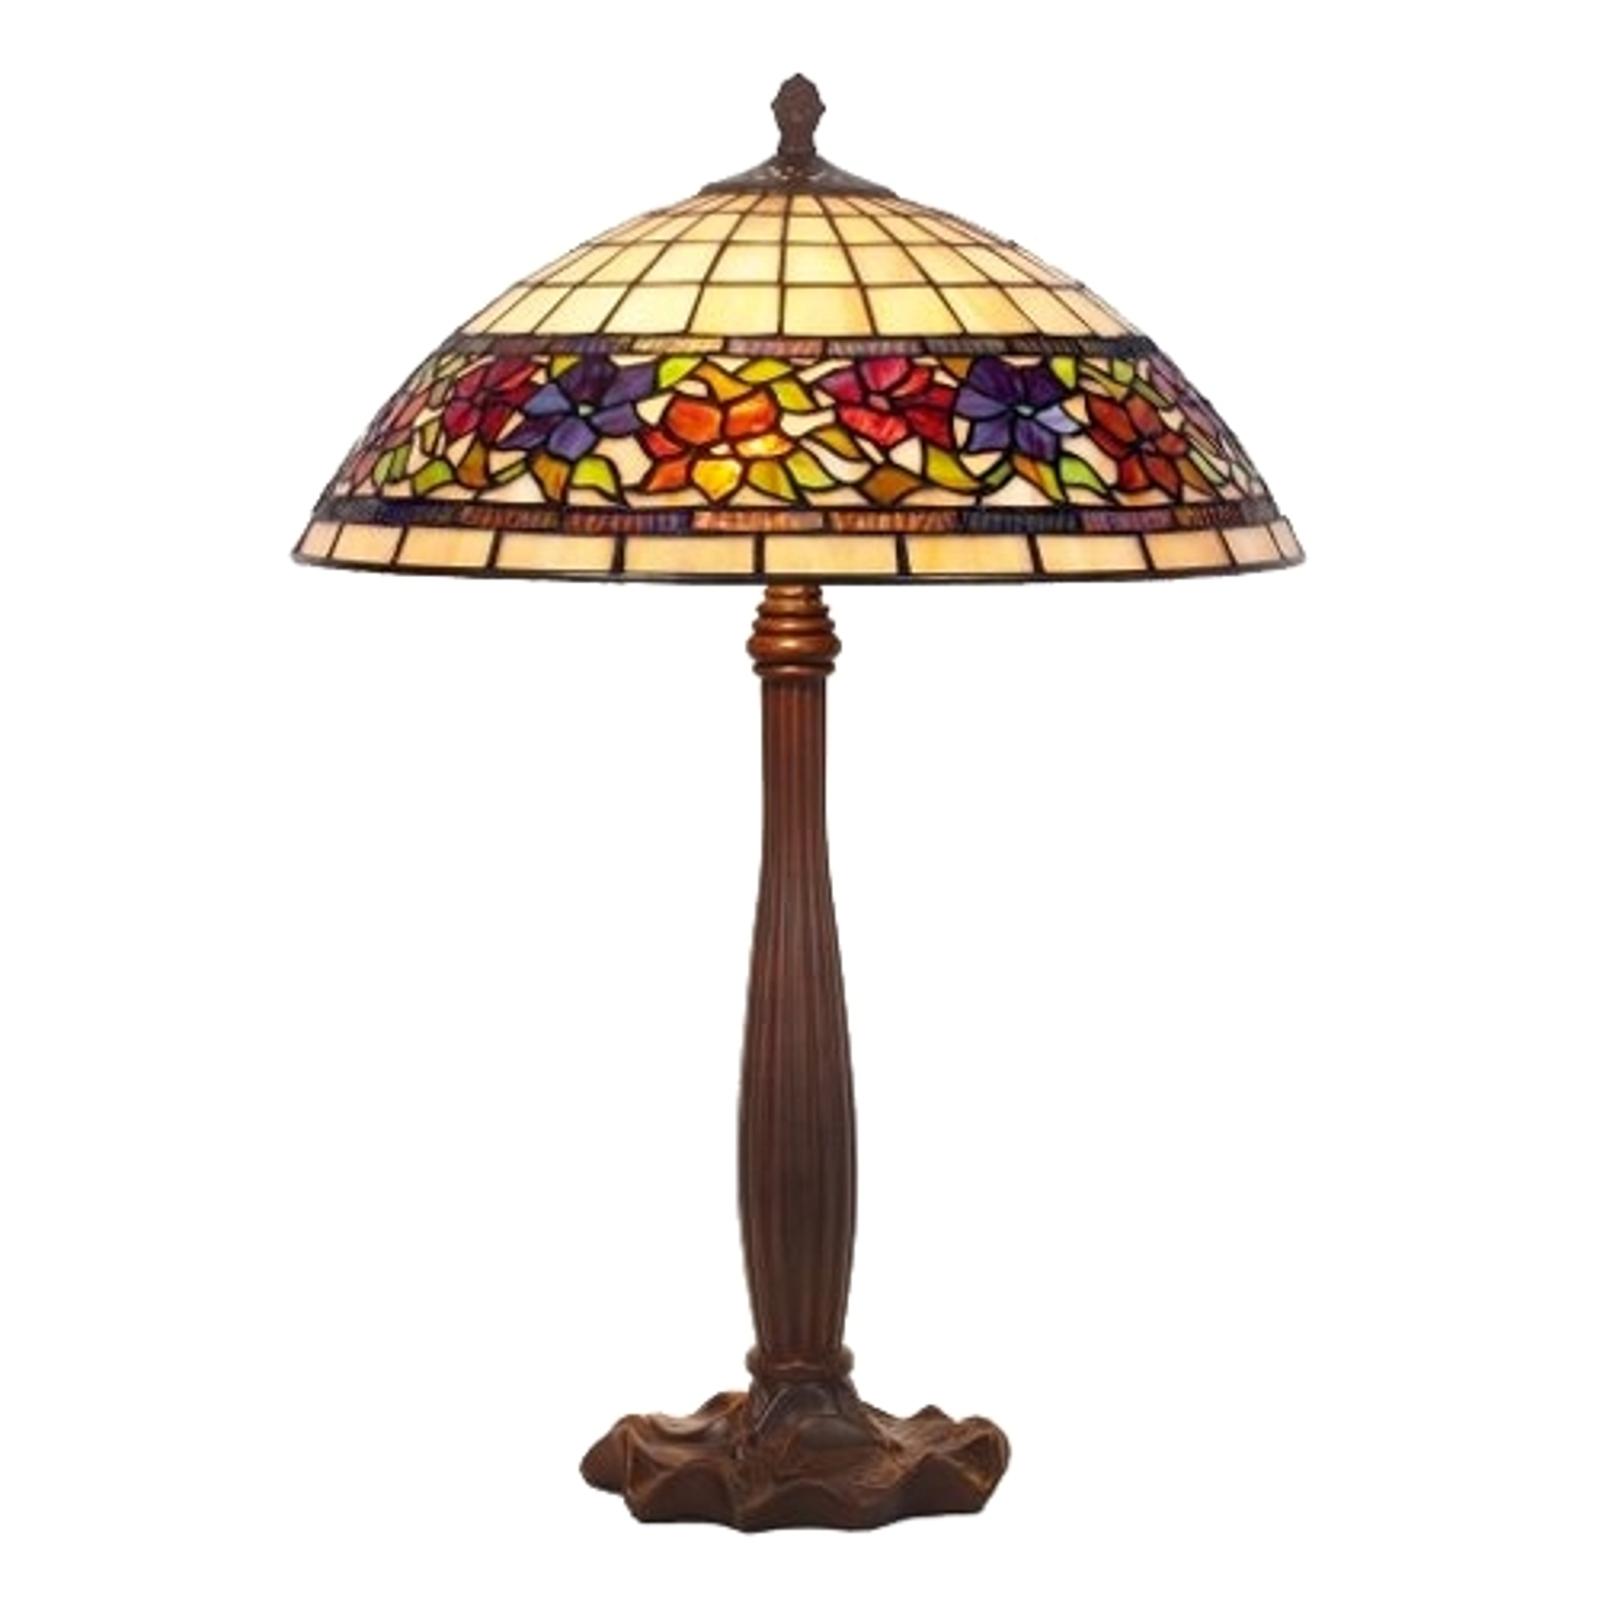 Tischlampe Flora im Tiffanystil, unten offen, 64cm